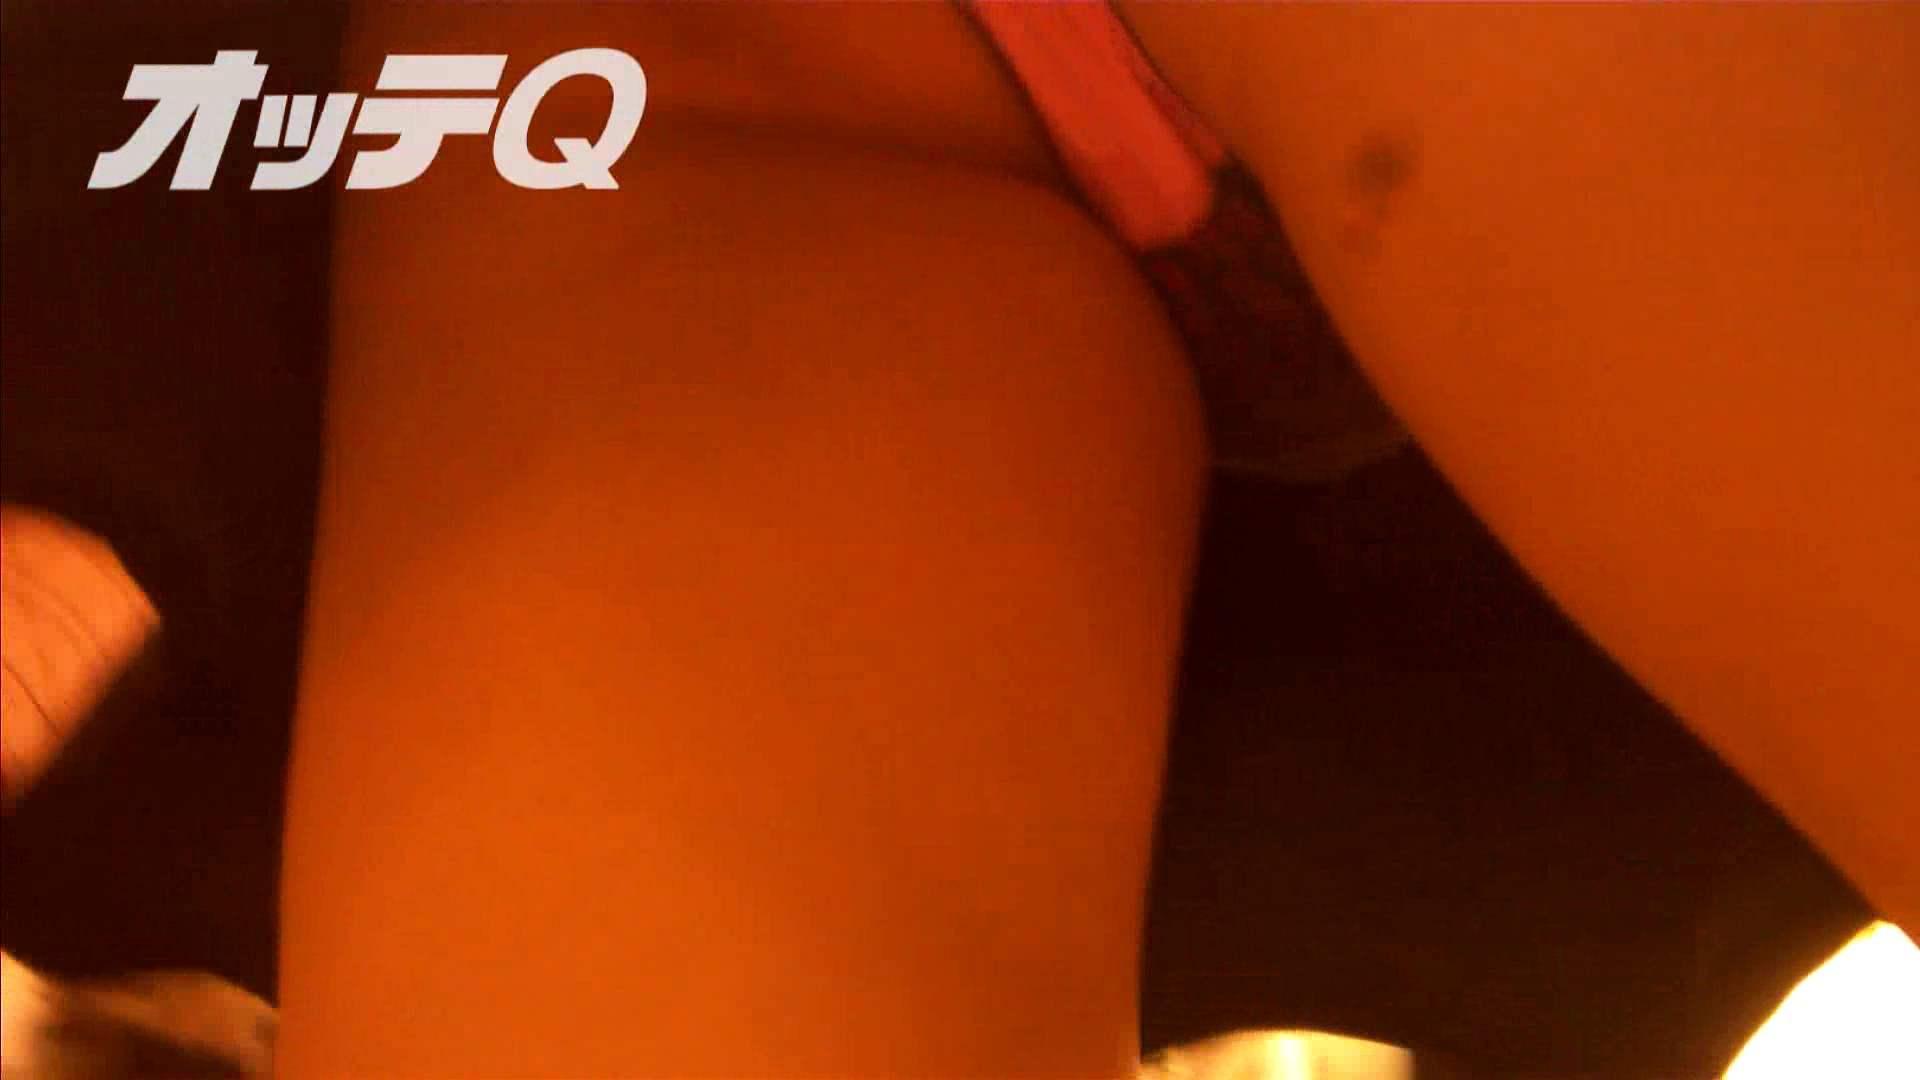 ハイビジョンパンチラ オッテQさんの追跡パンチラデパート編VOL.03 チラ オマンコ無修正動画無料 109pic 11